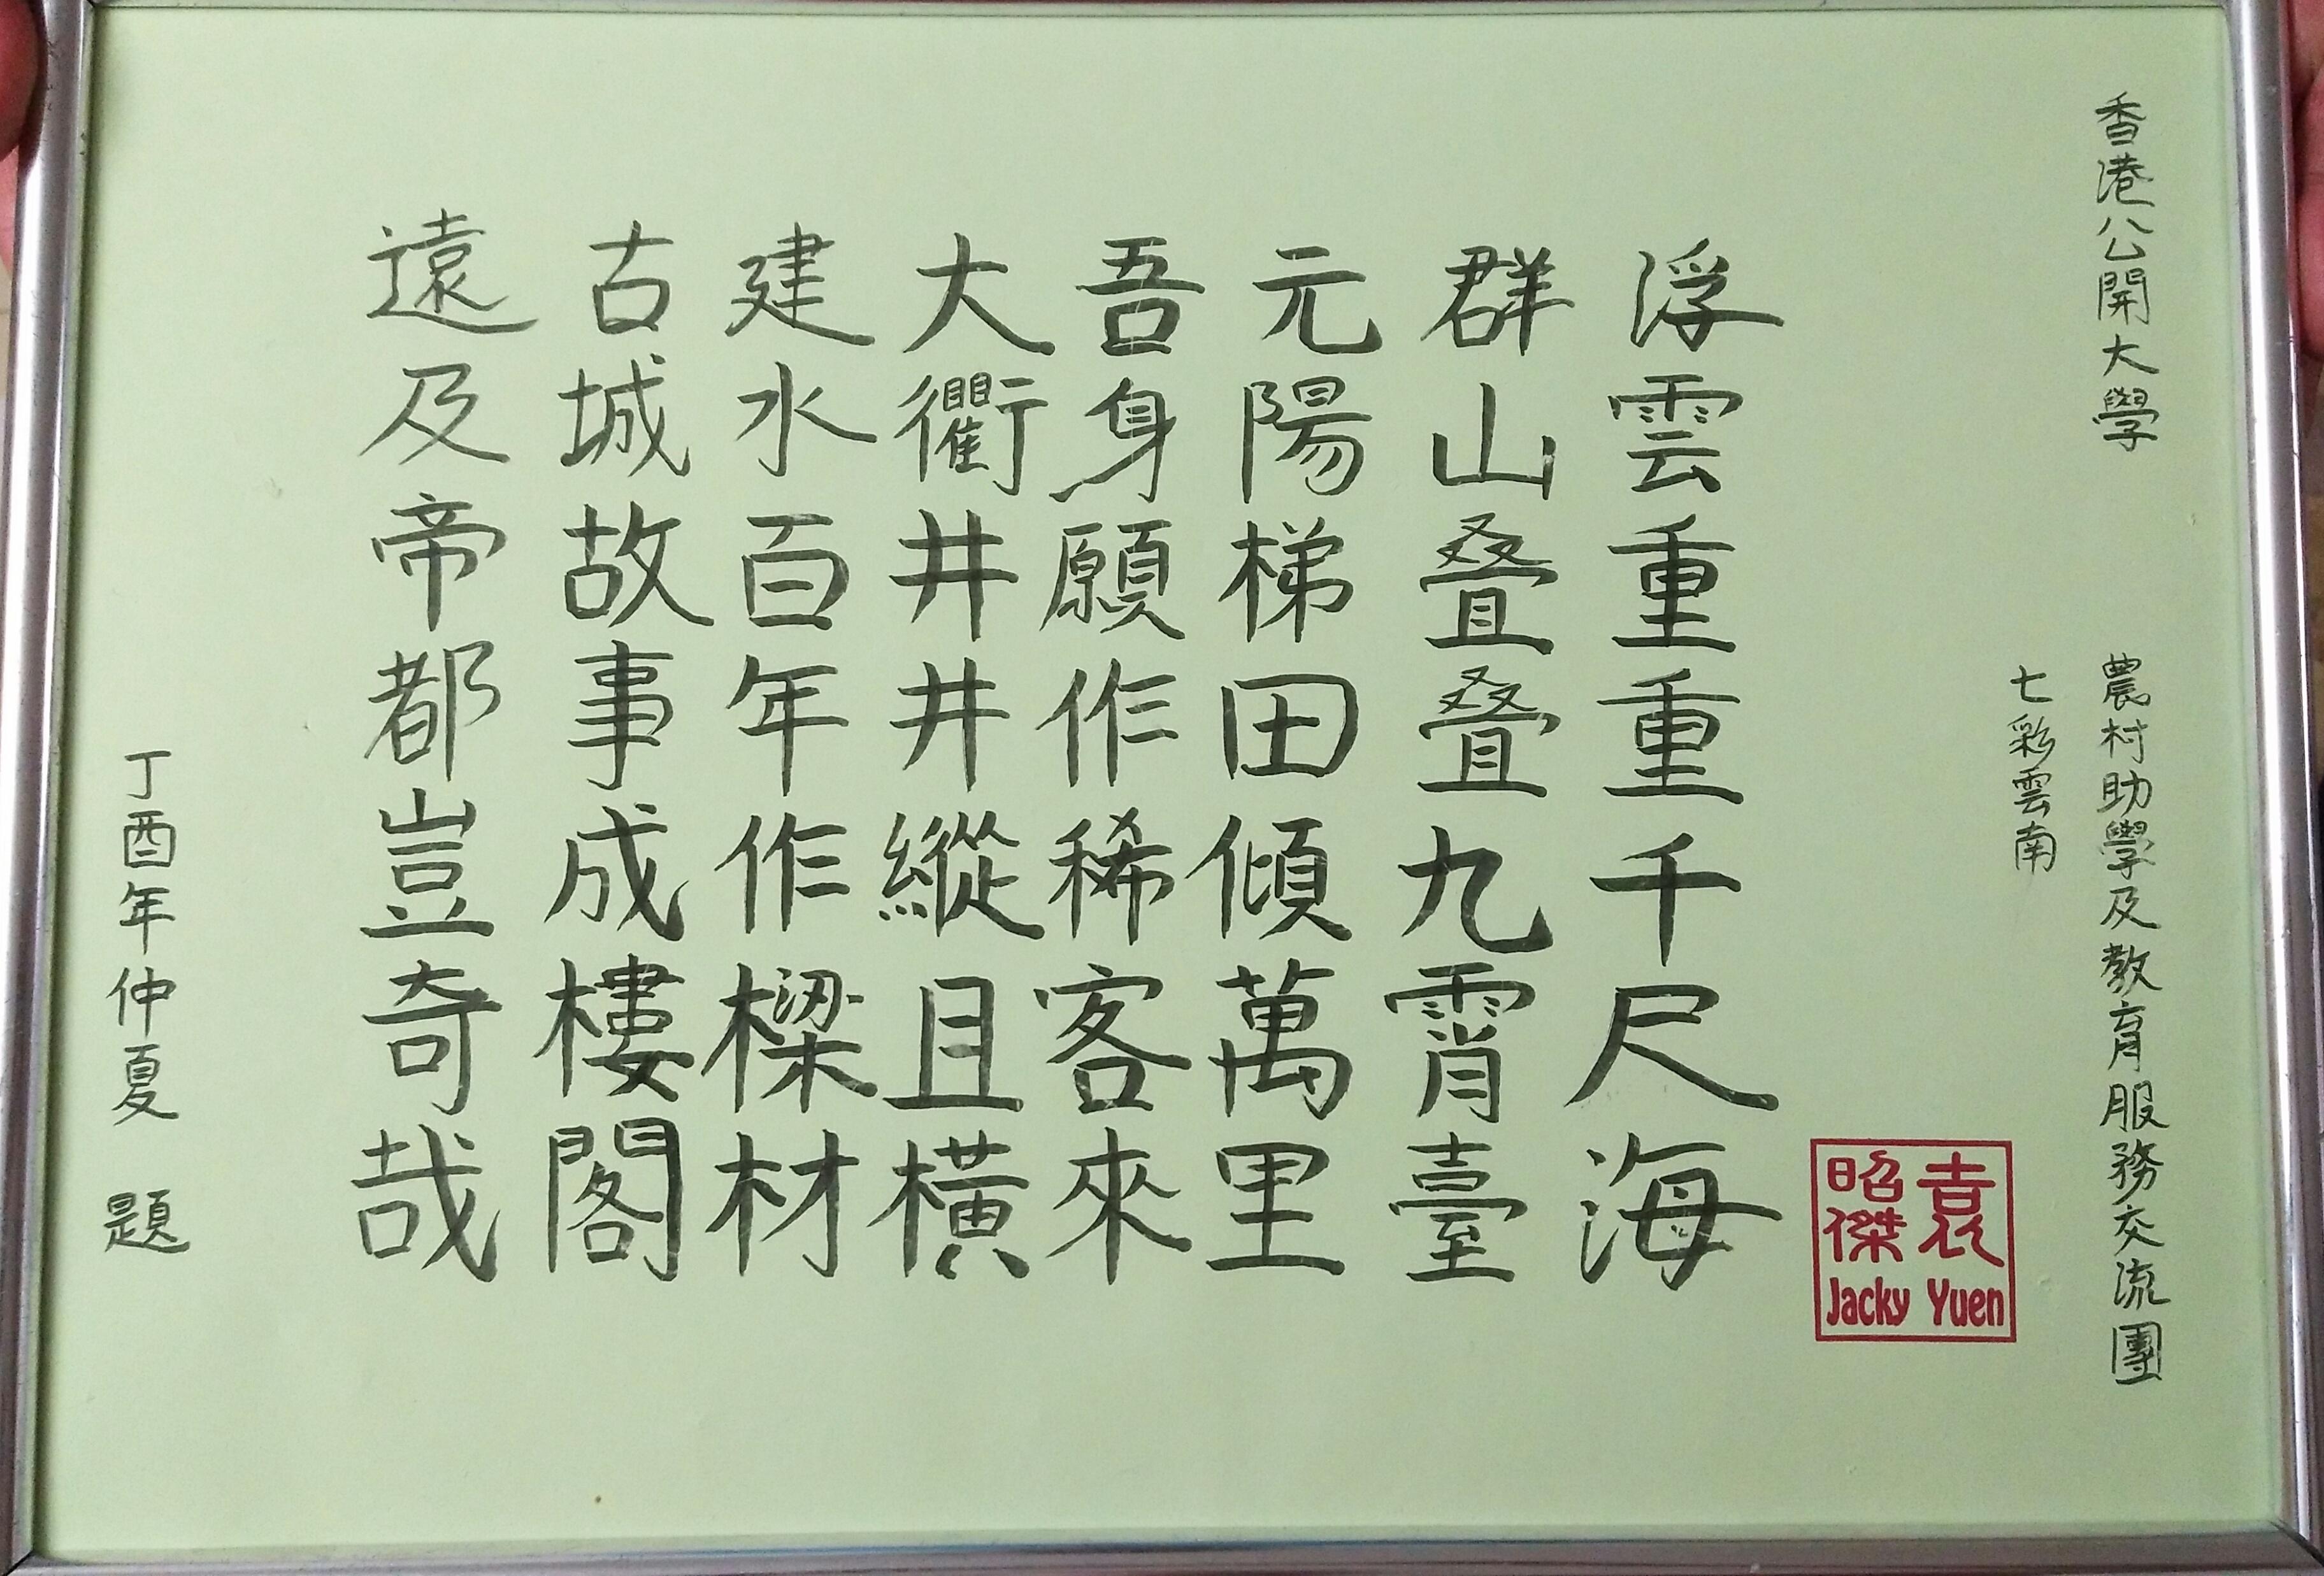 能量中国管委会收到香港青年代表袁昭杰赠与的书法作品